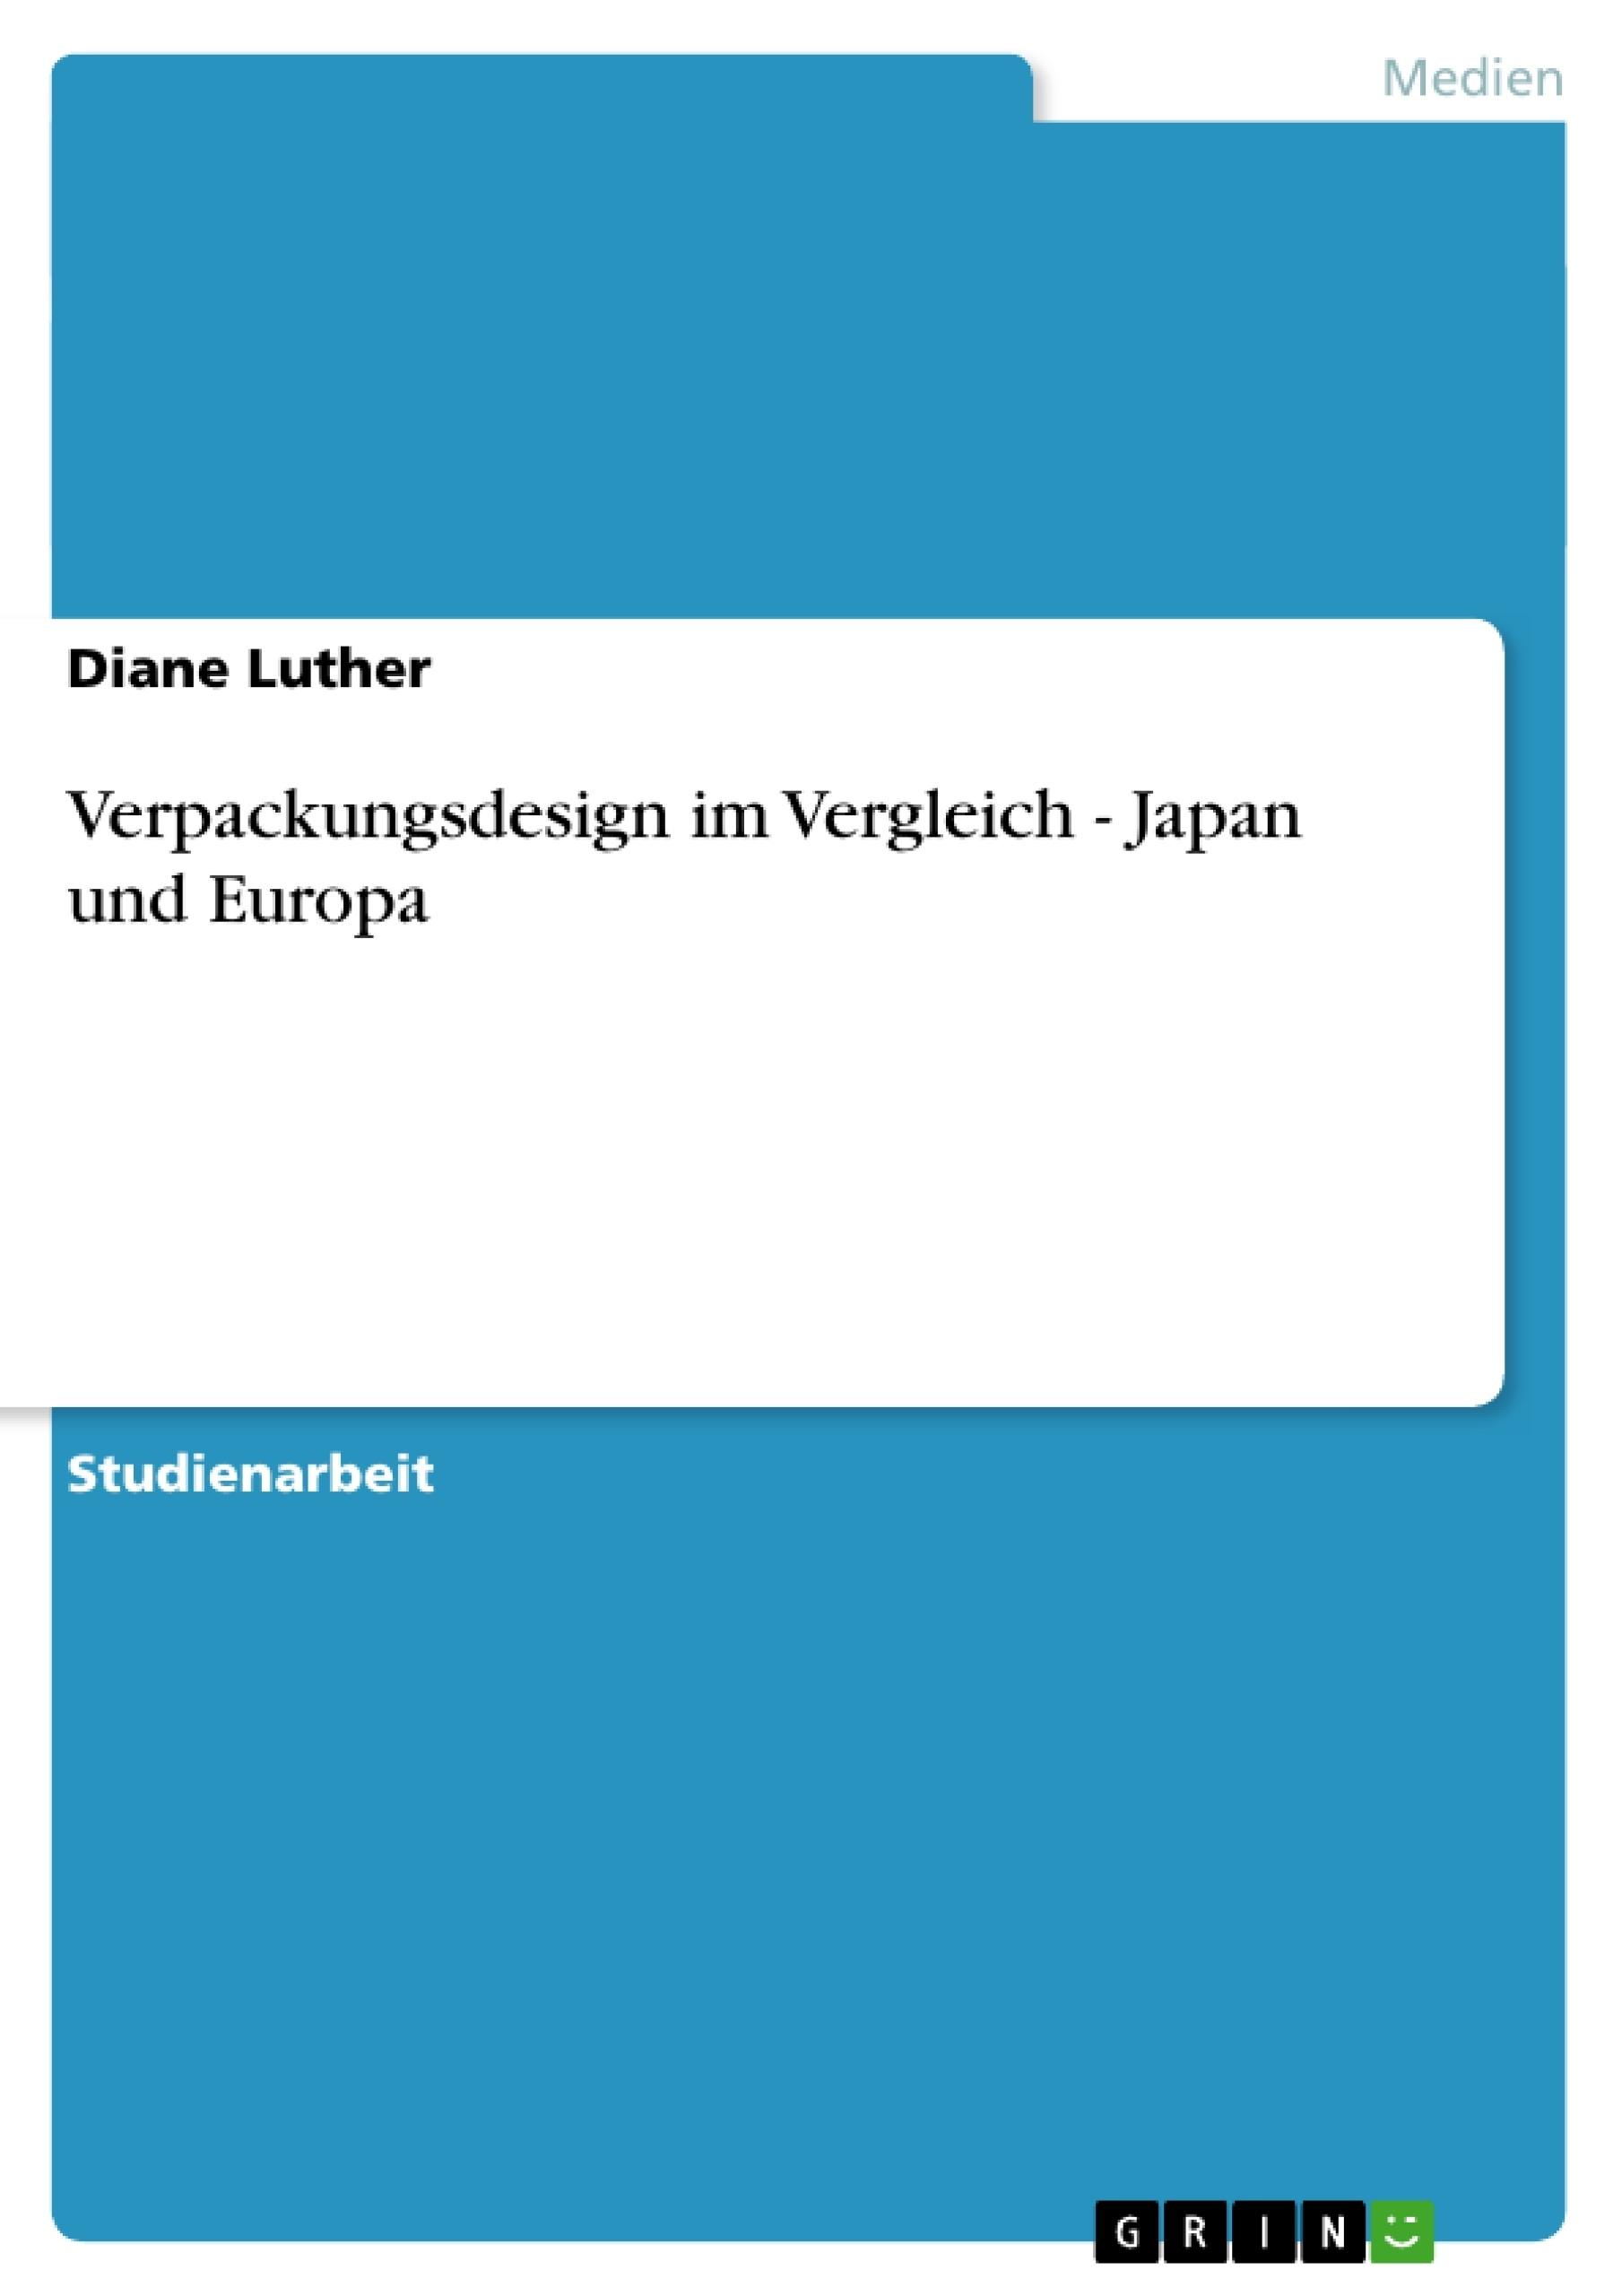 Titel: Verpackungsdesign im Vergleich - Japan und Europa